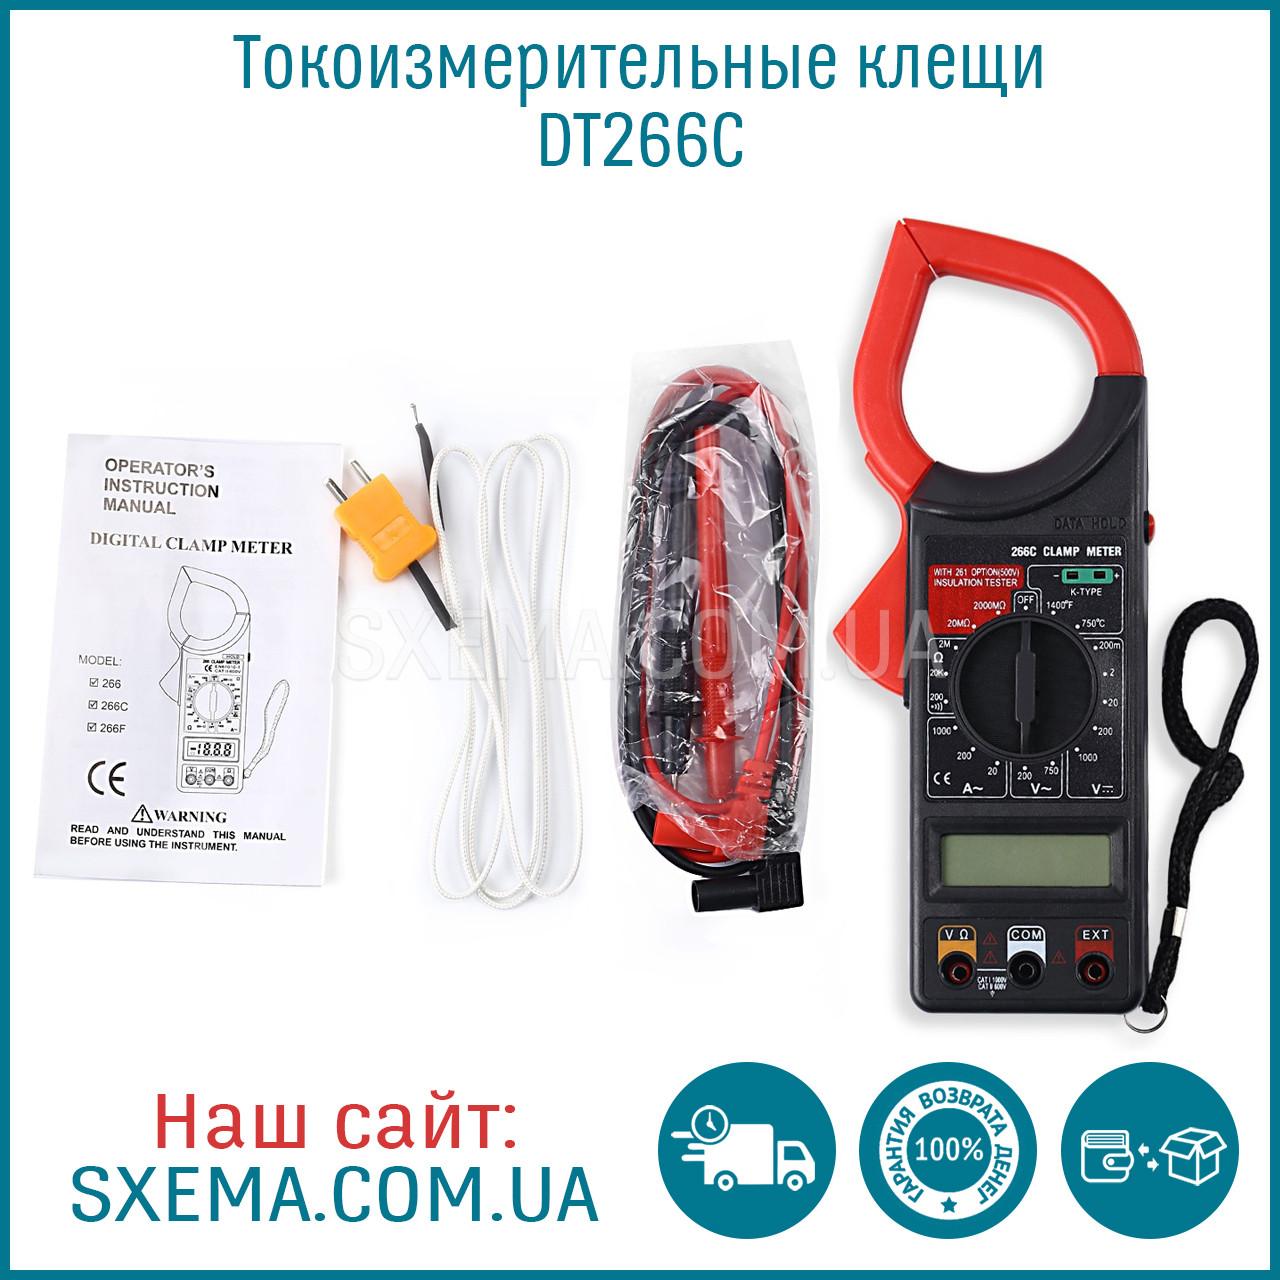 Токоизмерительные токовые клещи DT266C 1000A с температурой + мультиметр